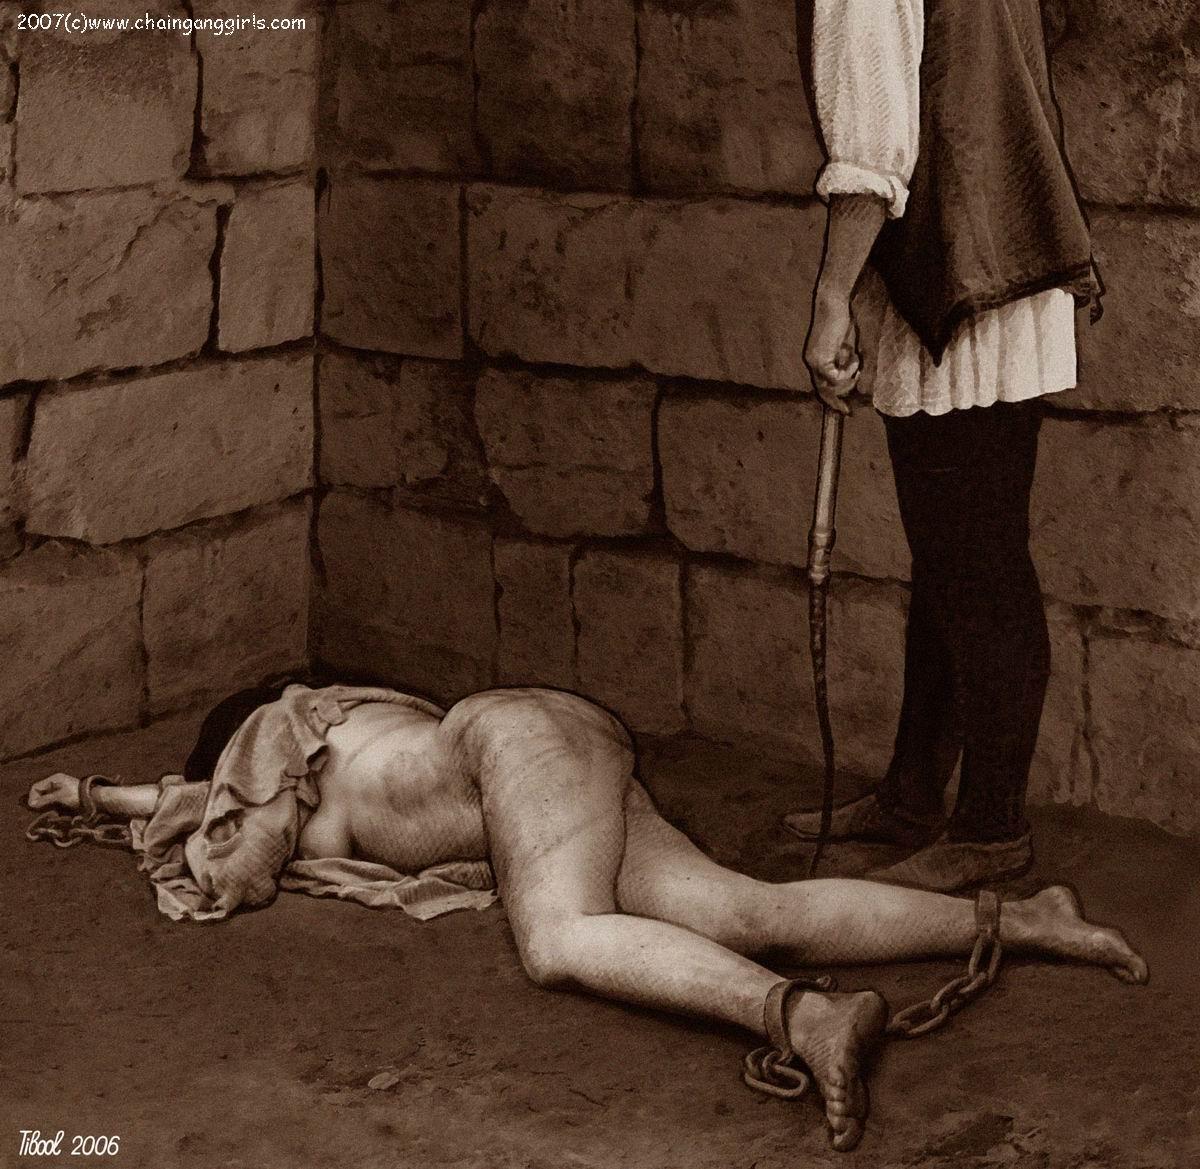 For Naked slave girl chain gang tell more